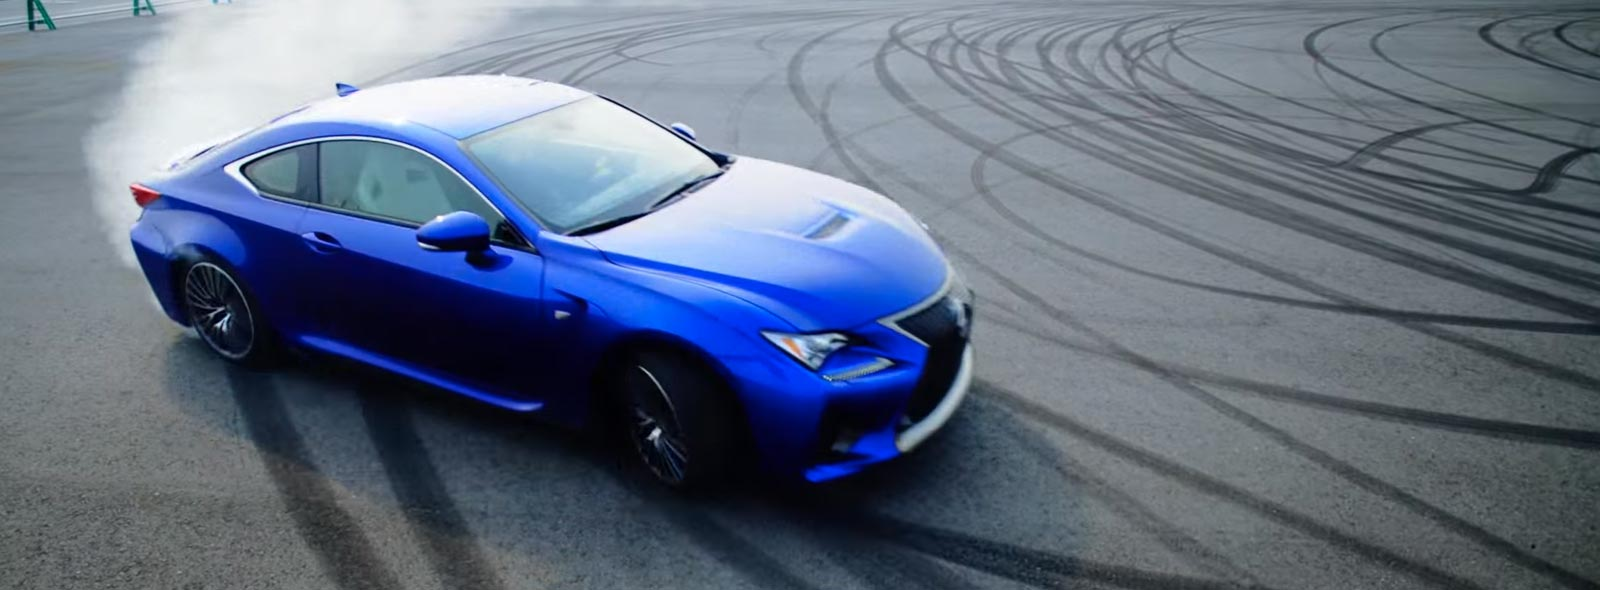 sininen Lexus RC F